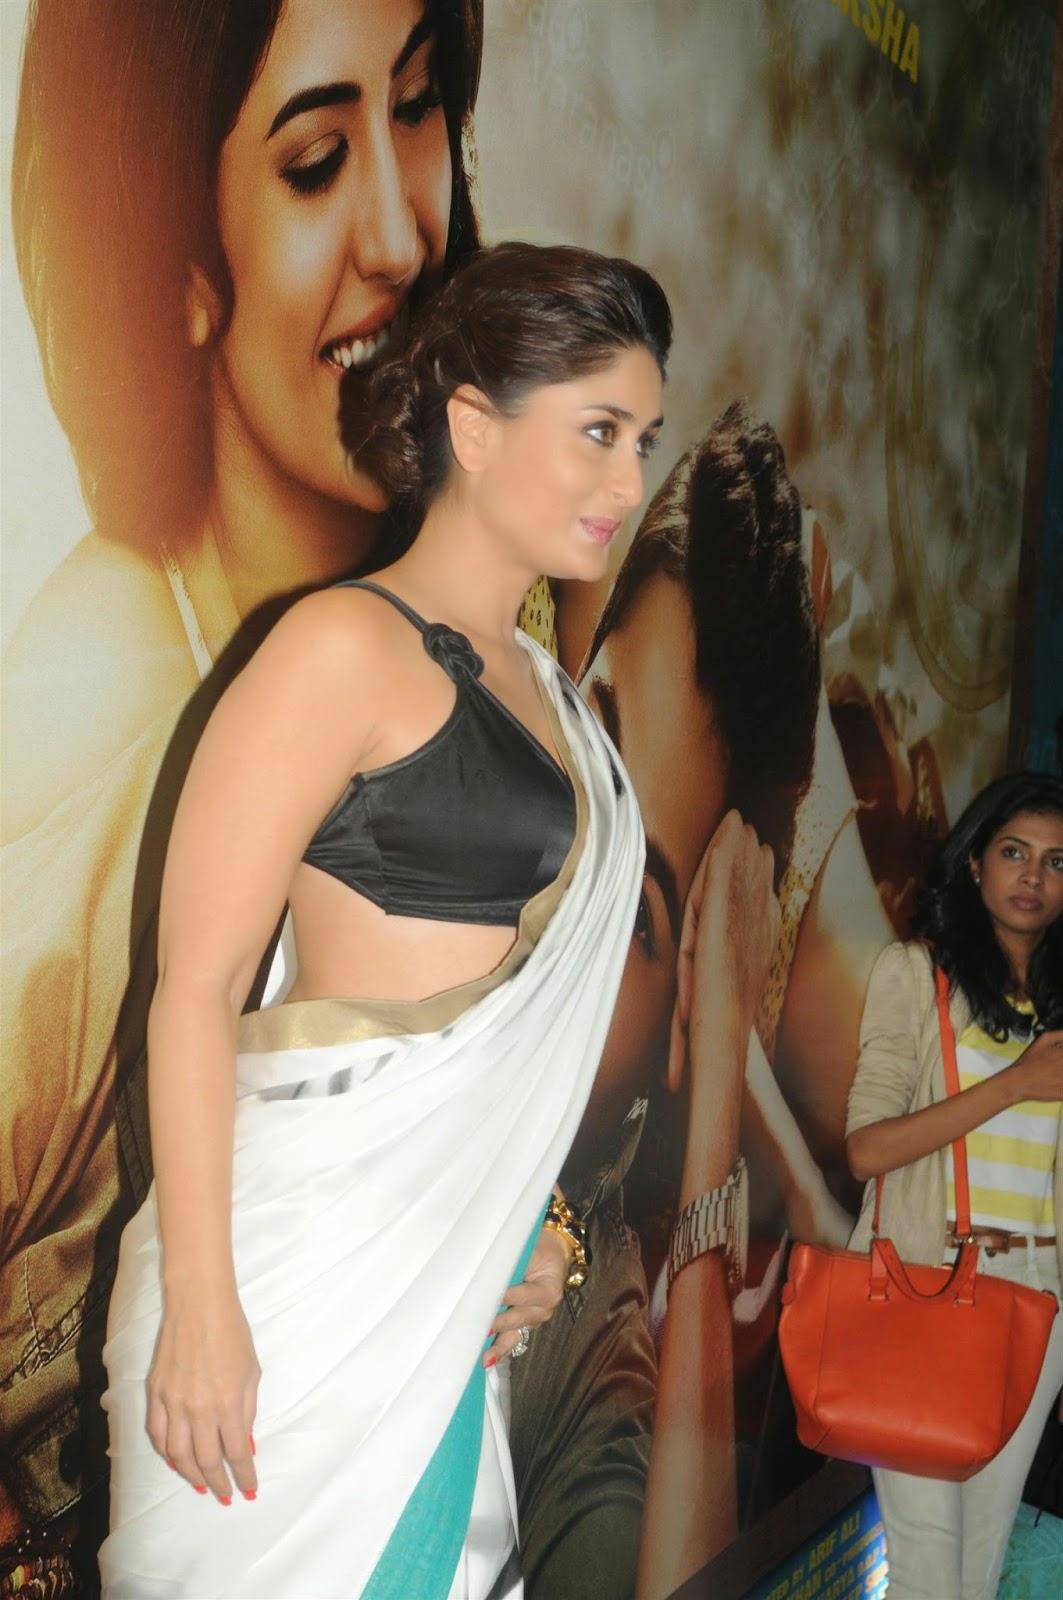 http://4.bp.blogspot.com/-abs2xY6iMFQ/U53yzvWBIJI/AAAAAAAApTI/i1zXuz_Vahc/s1600/Kareena+Kapoor+at+A+R+Rahman+Music+Concert+Images+(4).JPG